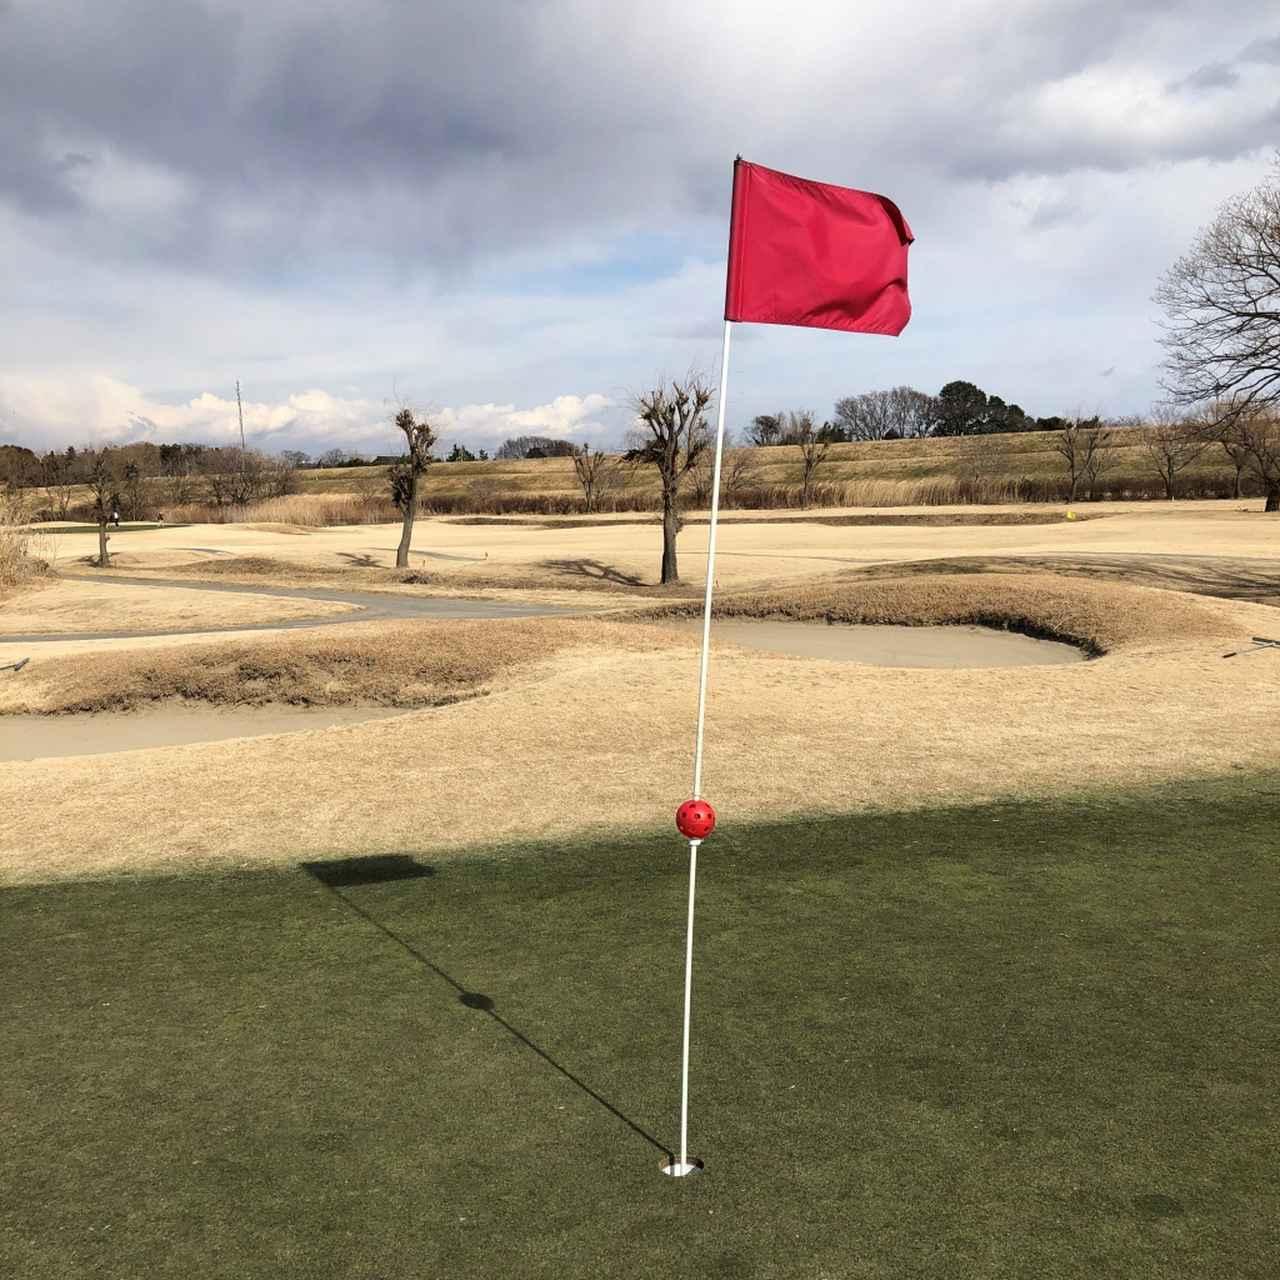 画像: みんな旗差してた? シングルハンディのゴルファーが、新ルール施行後はじめての月例競技に参加してみた - みんなのゴルフダイジェスト